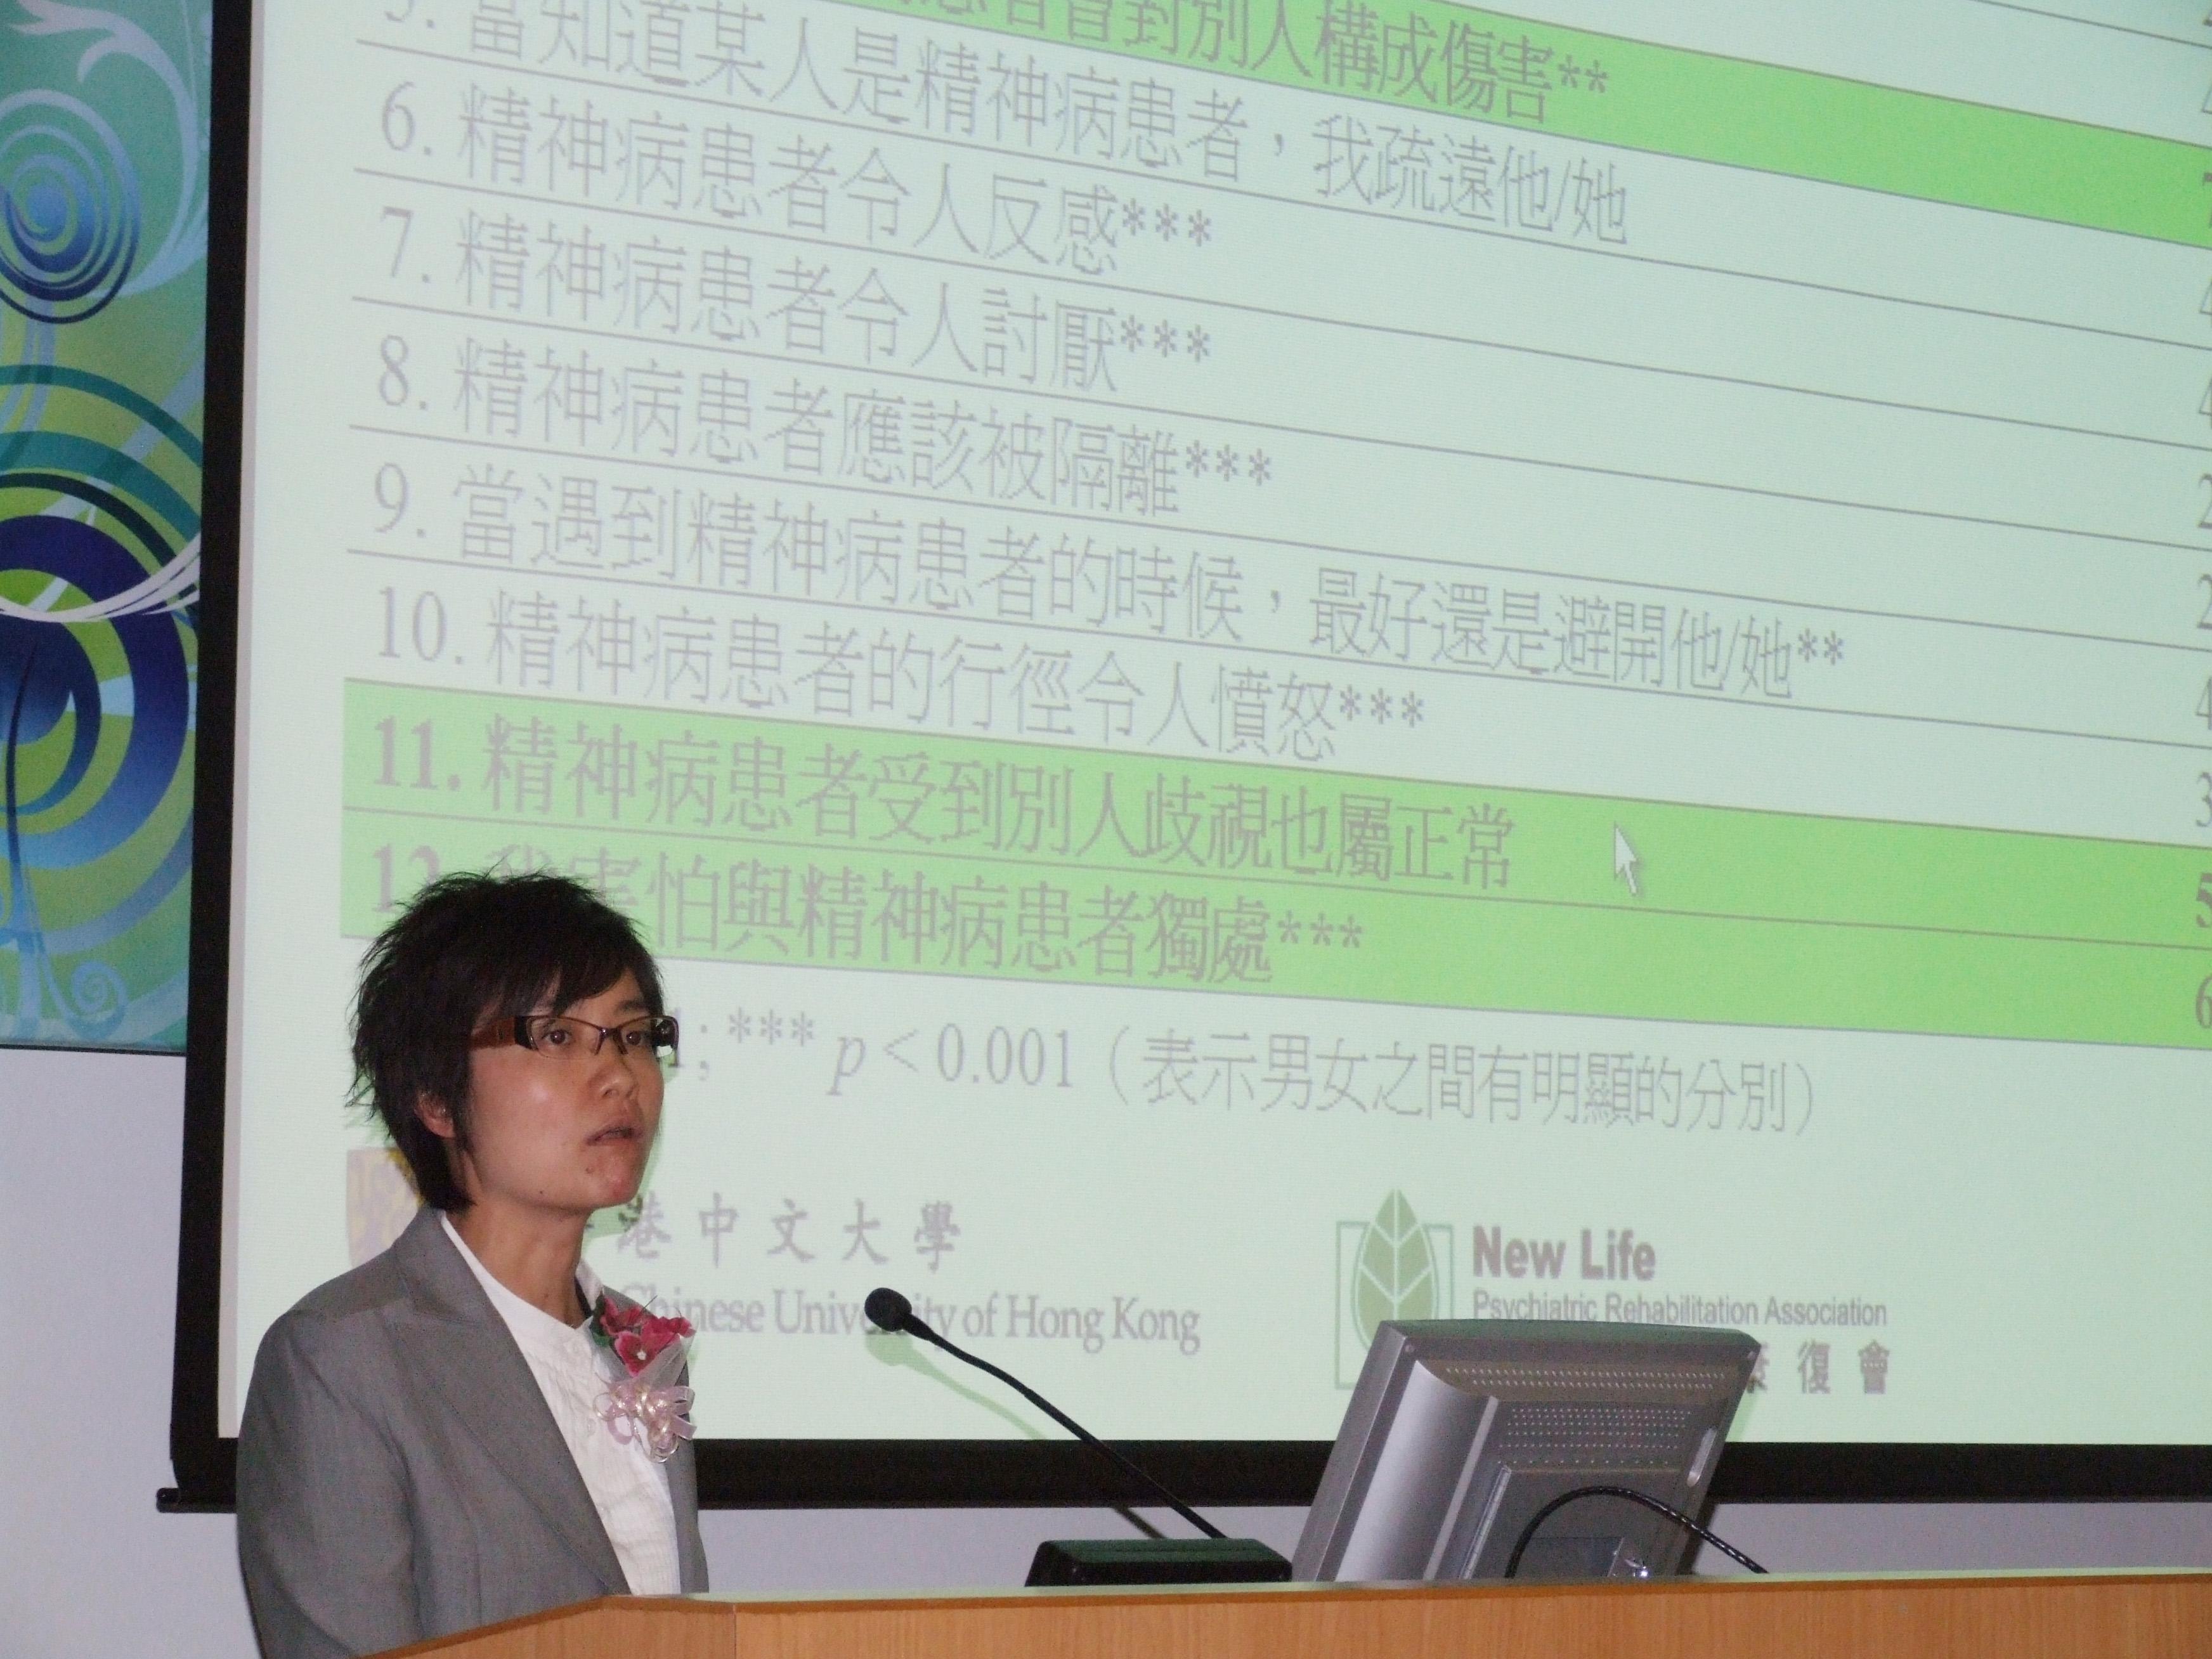 中大心理學系副教授麥穎思教授發表「香港青少年精神健康」研究報告結果